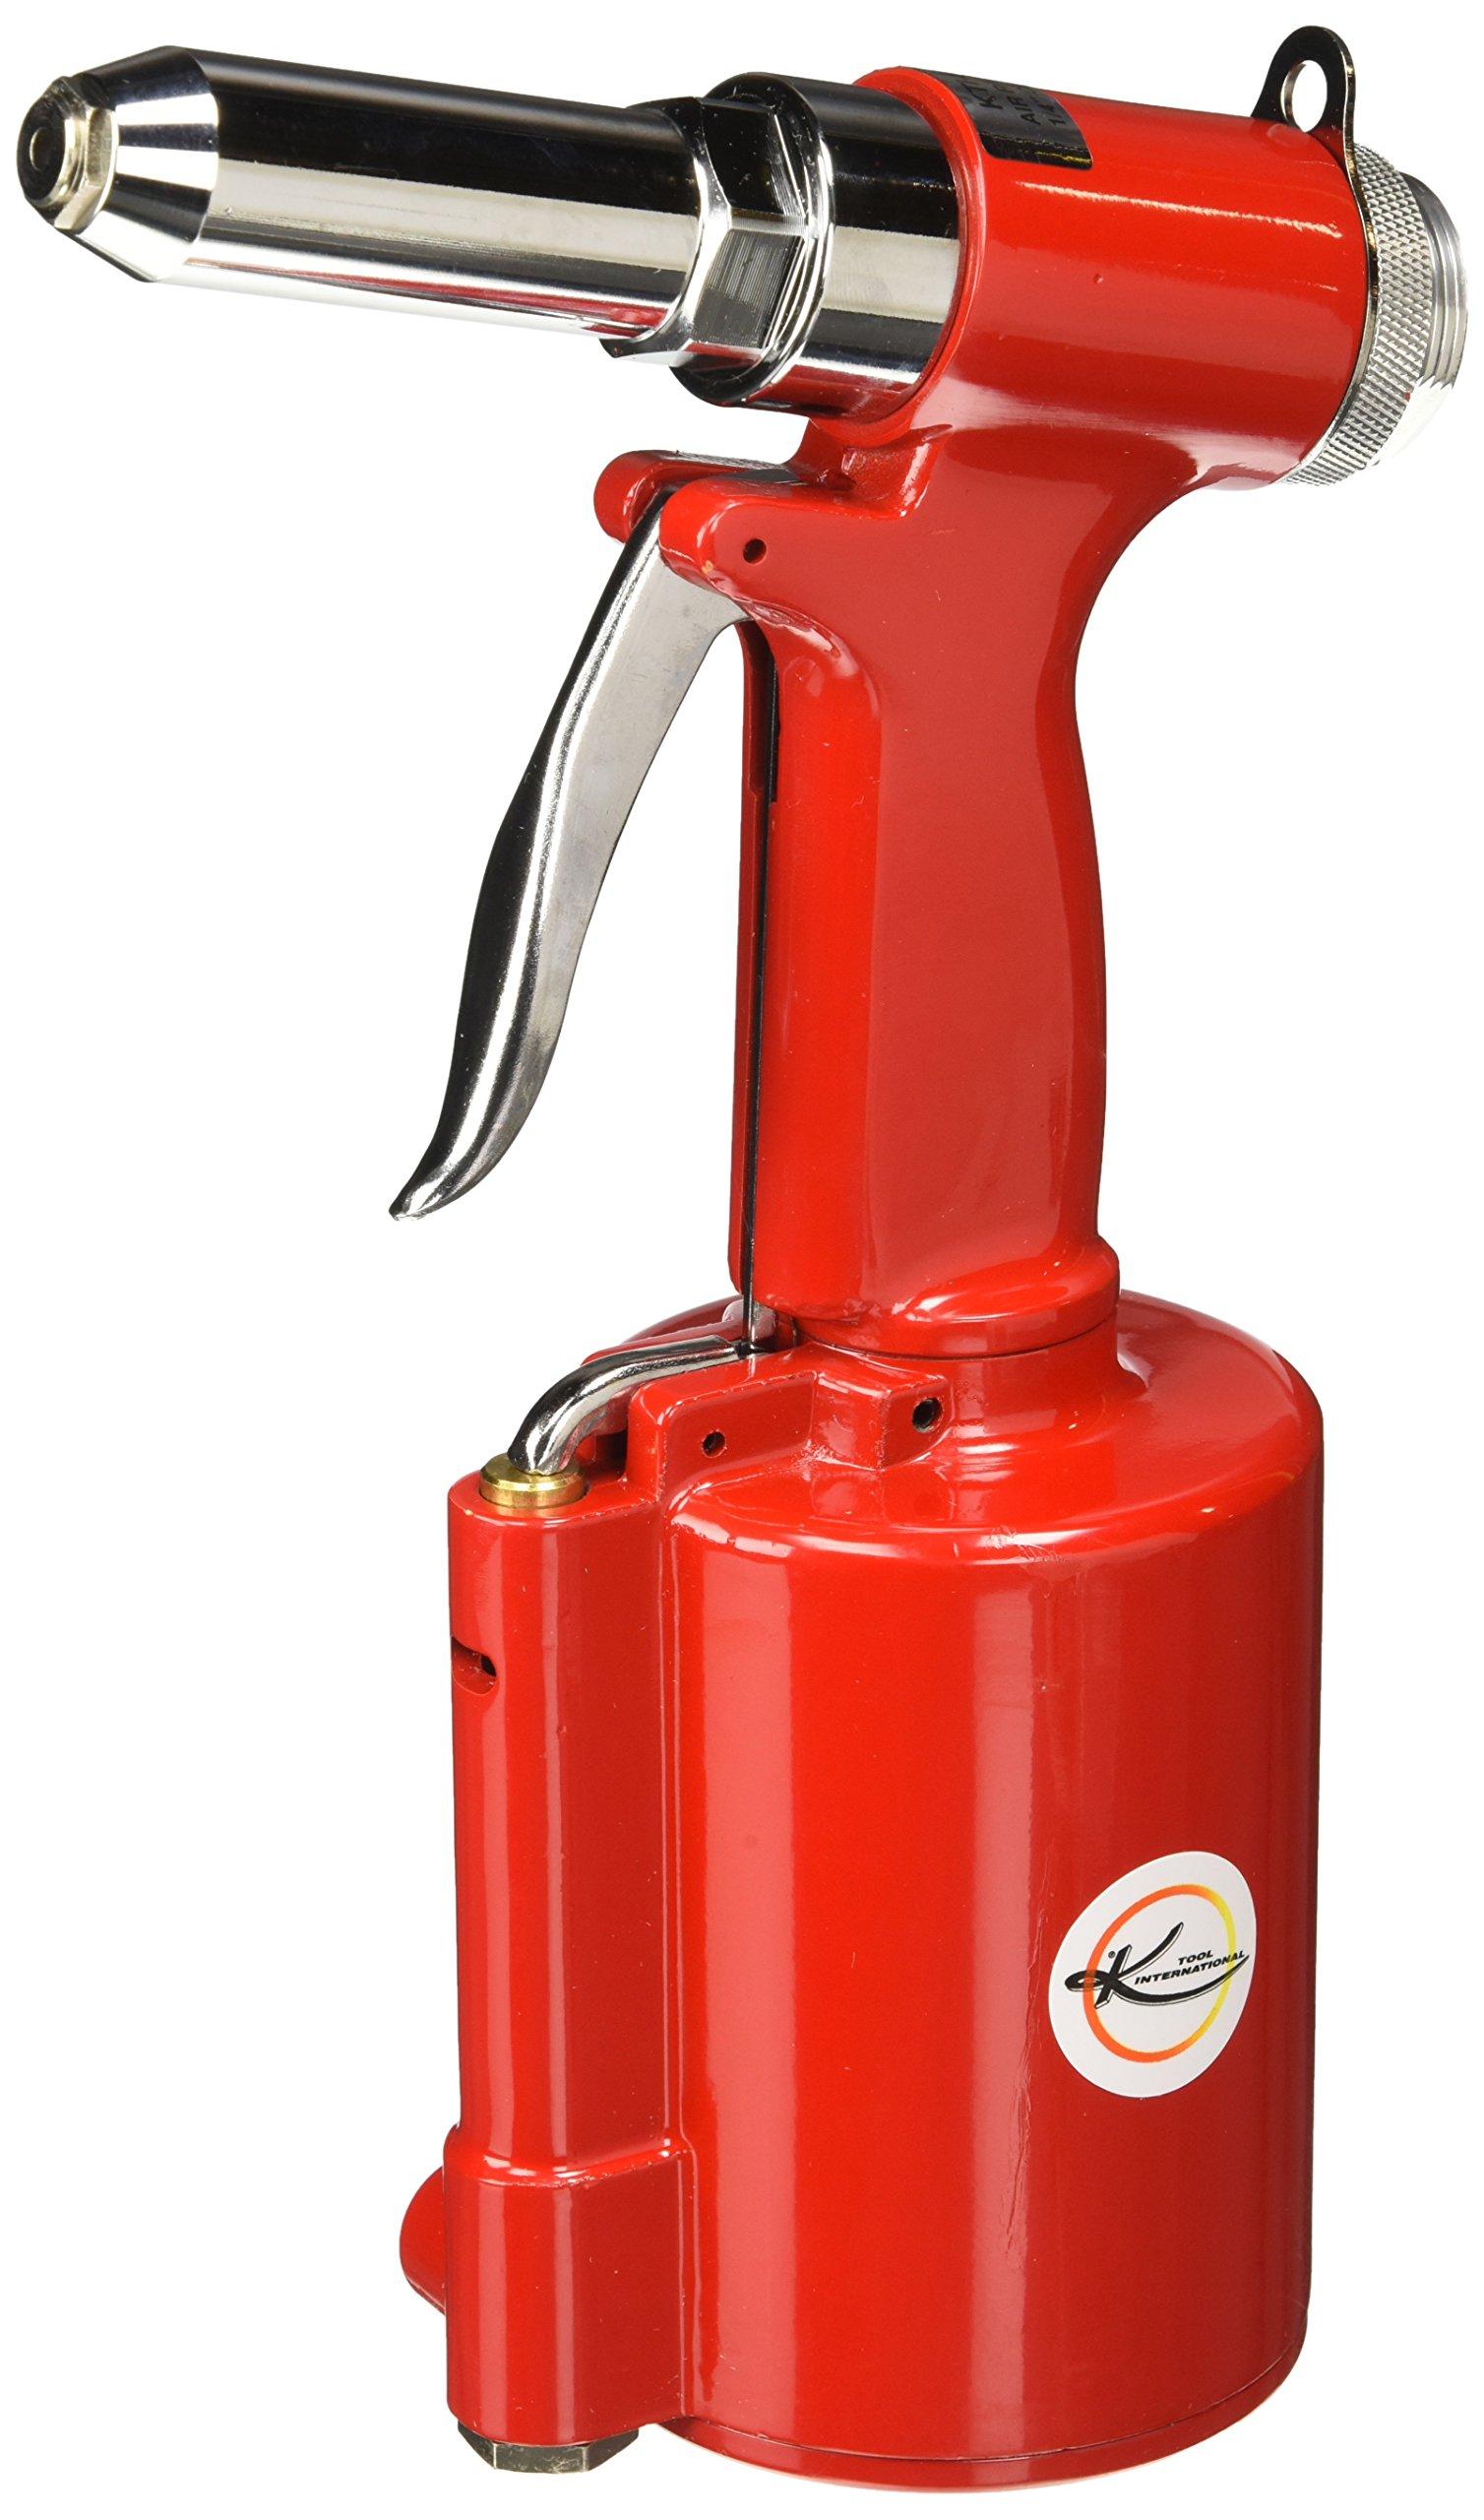 KTI (KTI-89115) Hydraulic Rivet Gun